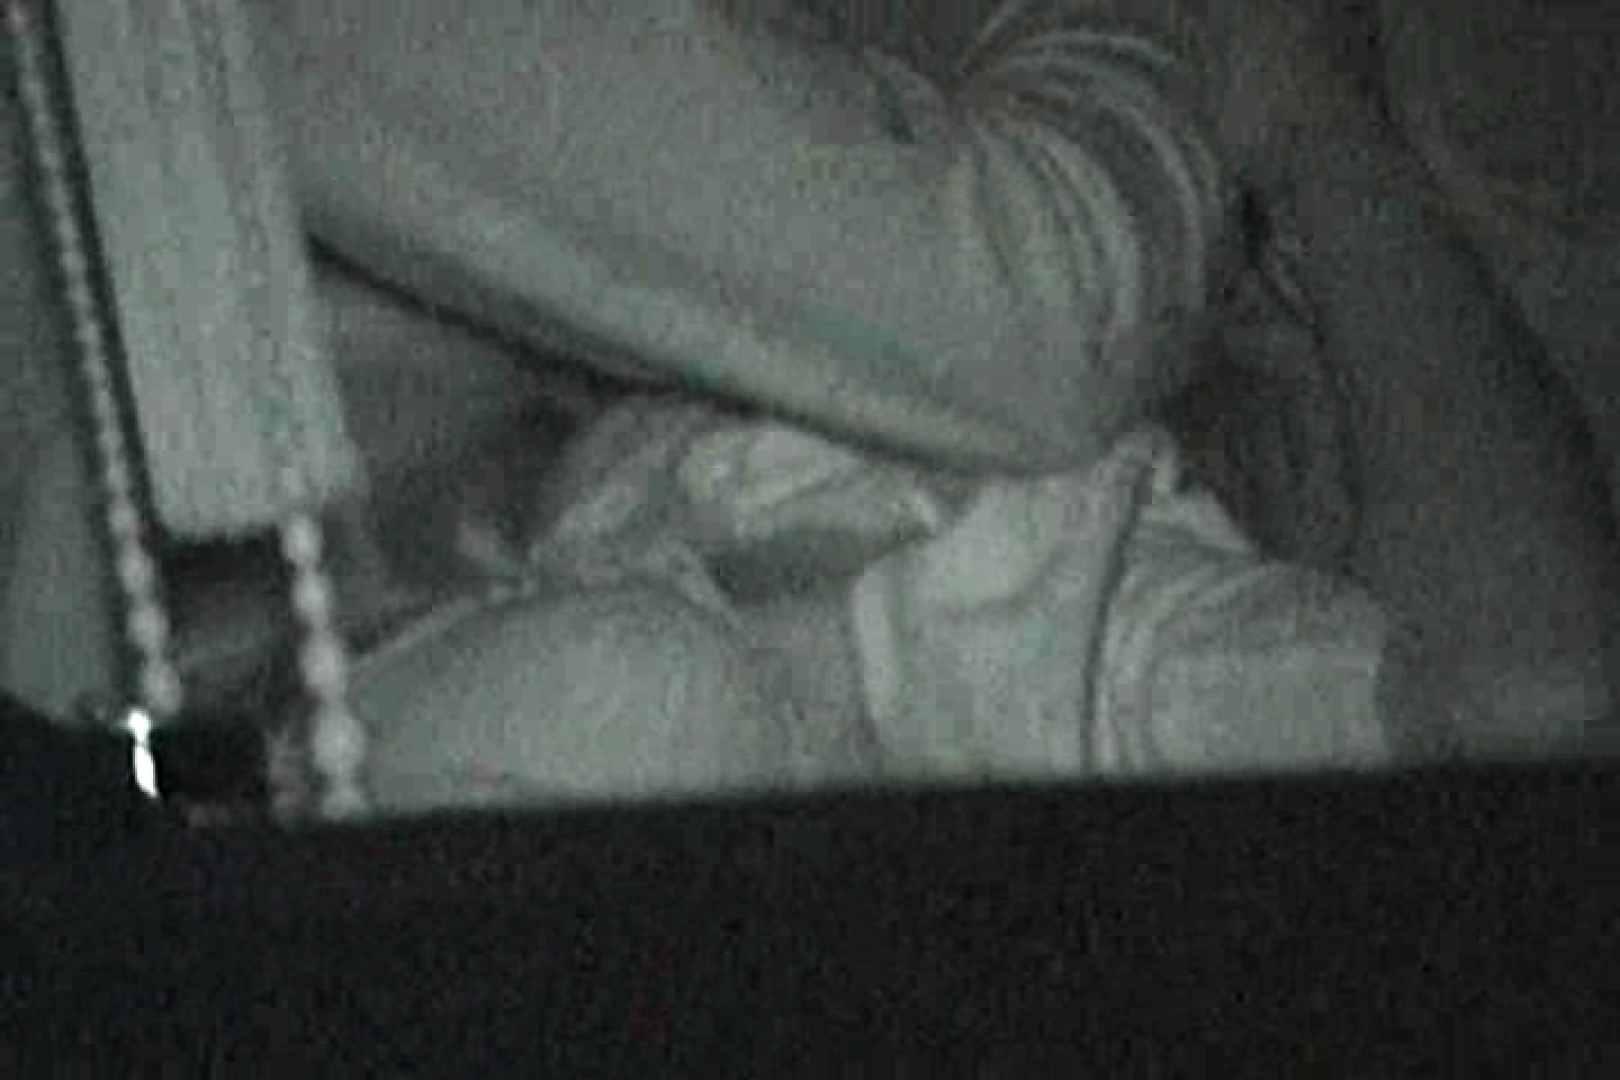 充血監督の深夜の運動会Vol.8 おっぱい オマンコ無修正動画無料 106画像 68